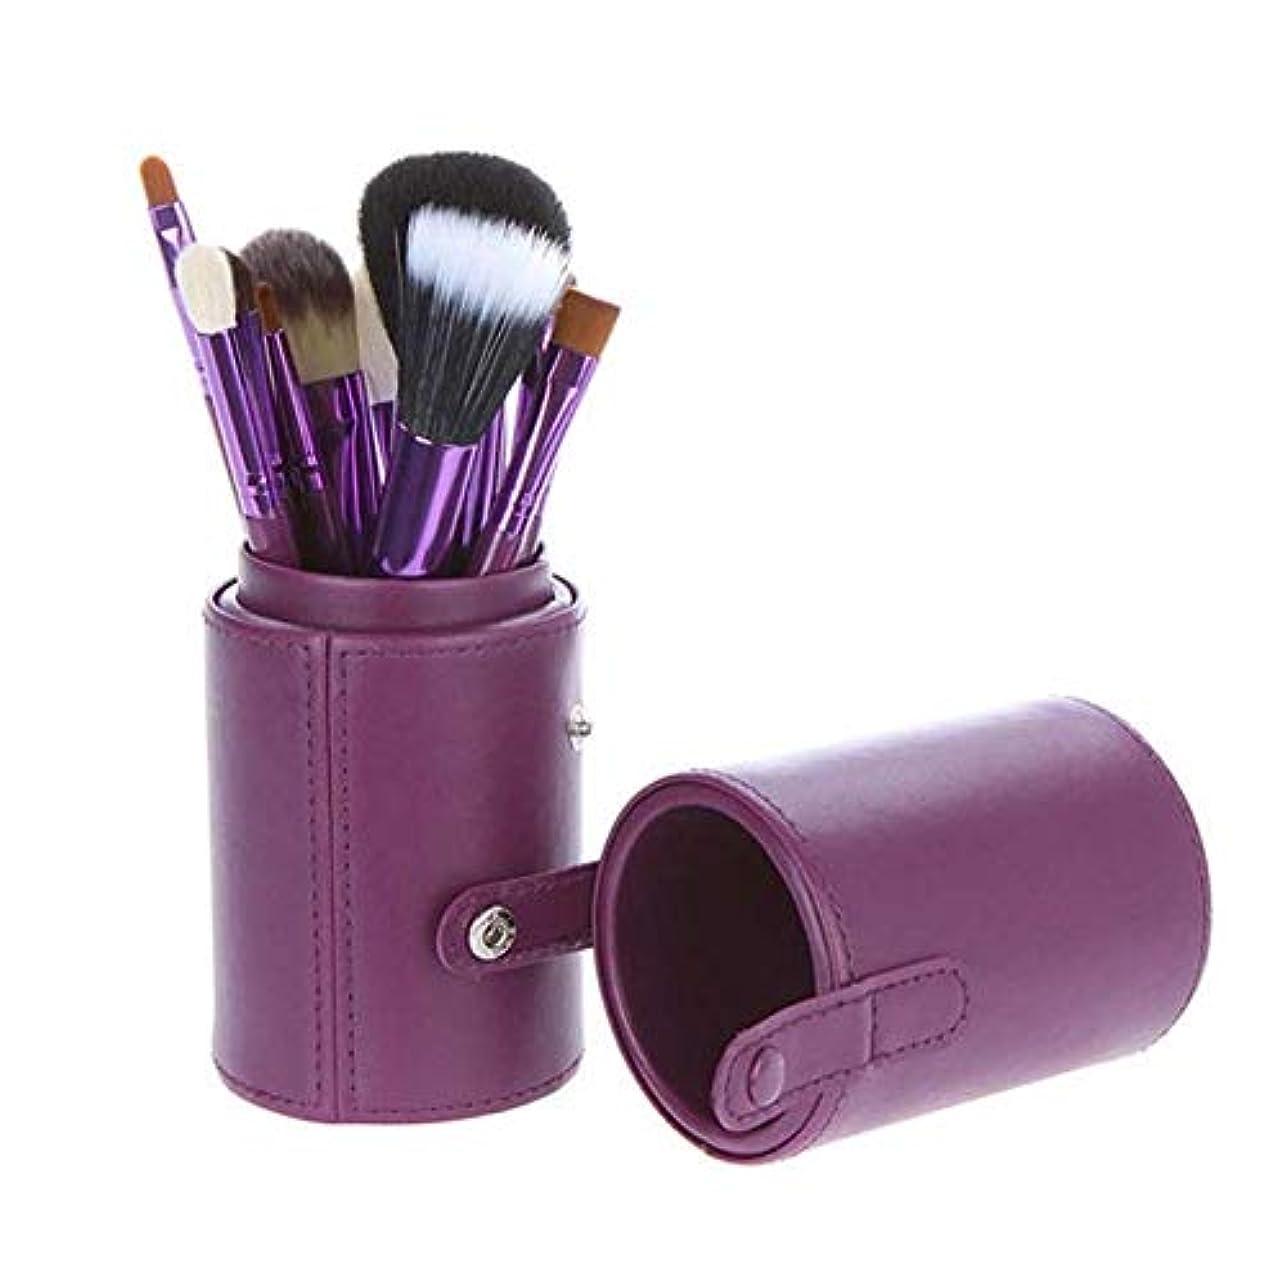 アライメント矢じり曇った化粧ブラシセット:美しい女性ギフトボックスに表示されるスタイリッシュなブラシケースで、プロのプロ、美容ブレンダーとクリーナーをメイクアップ (Color : Purple)